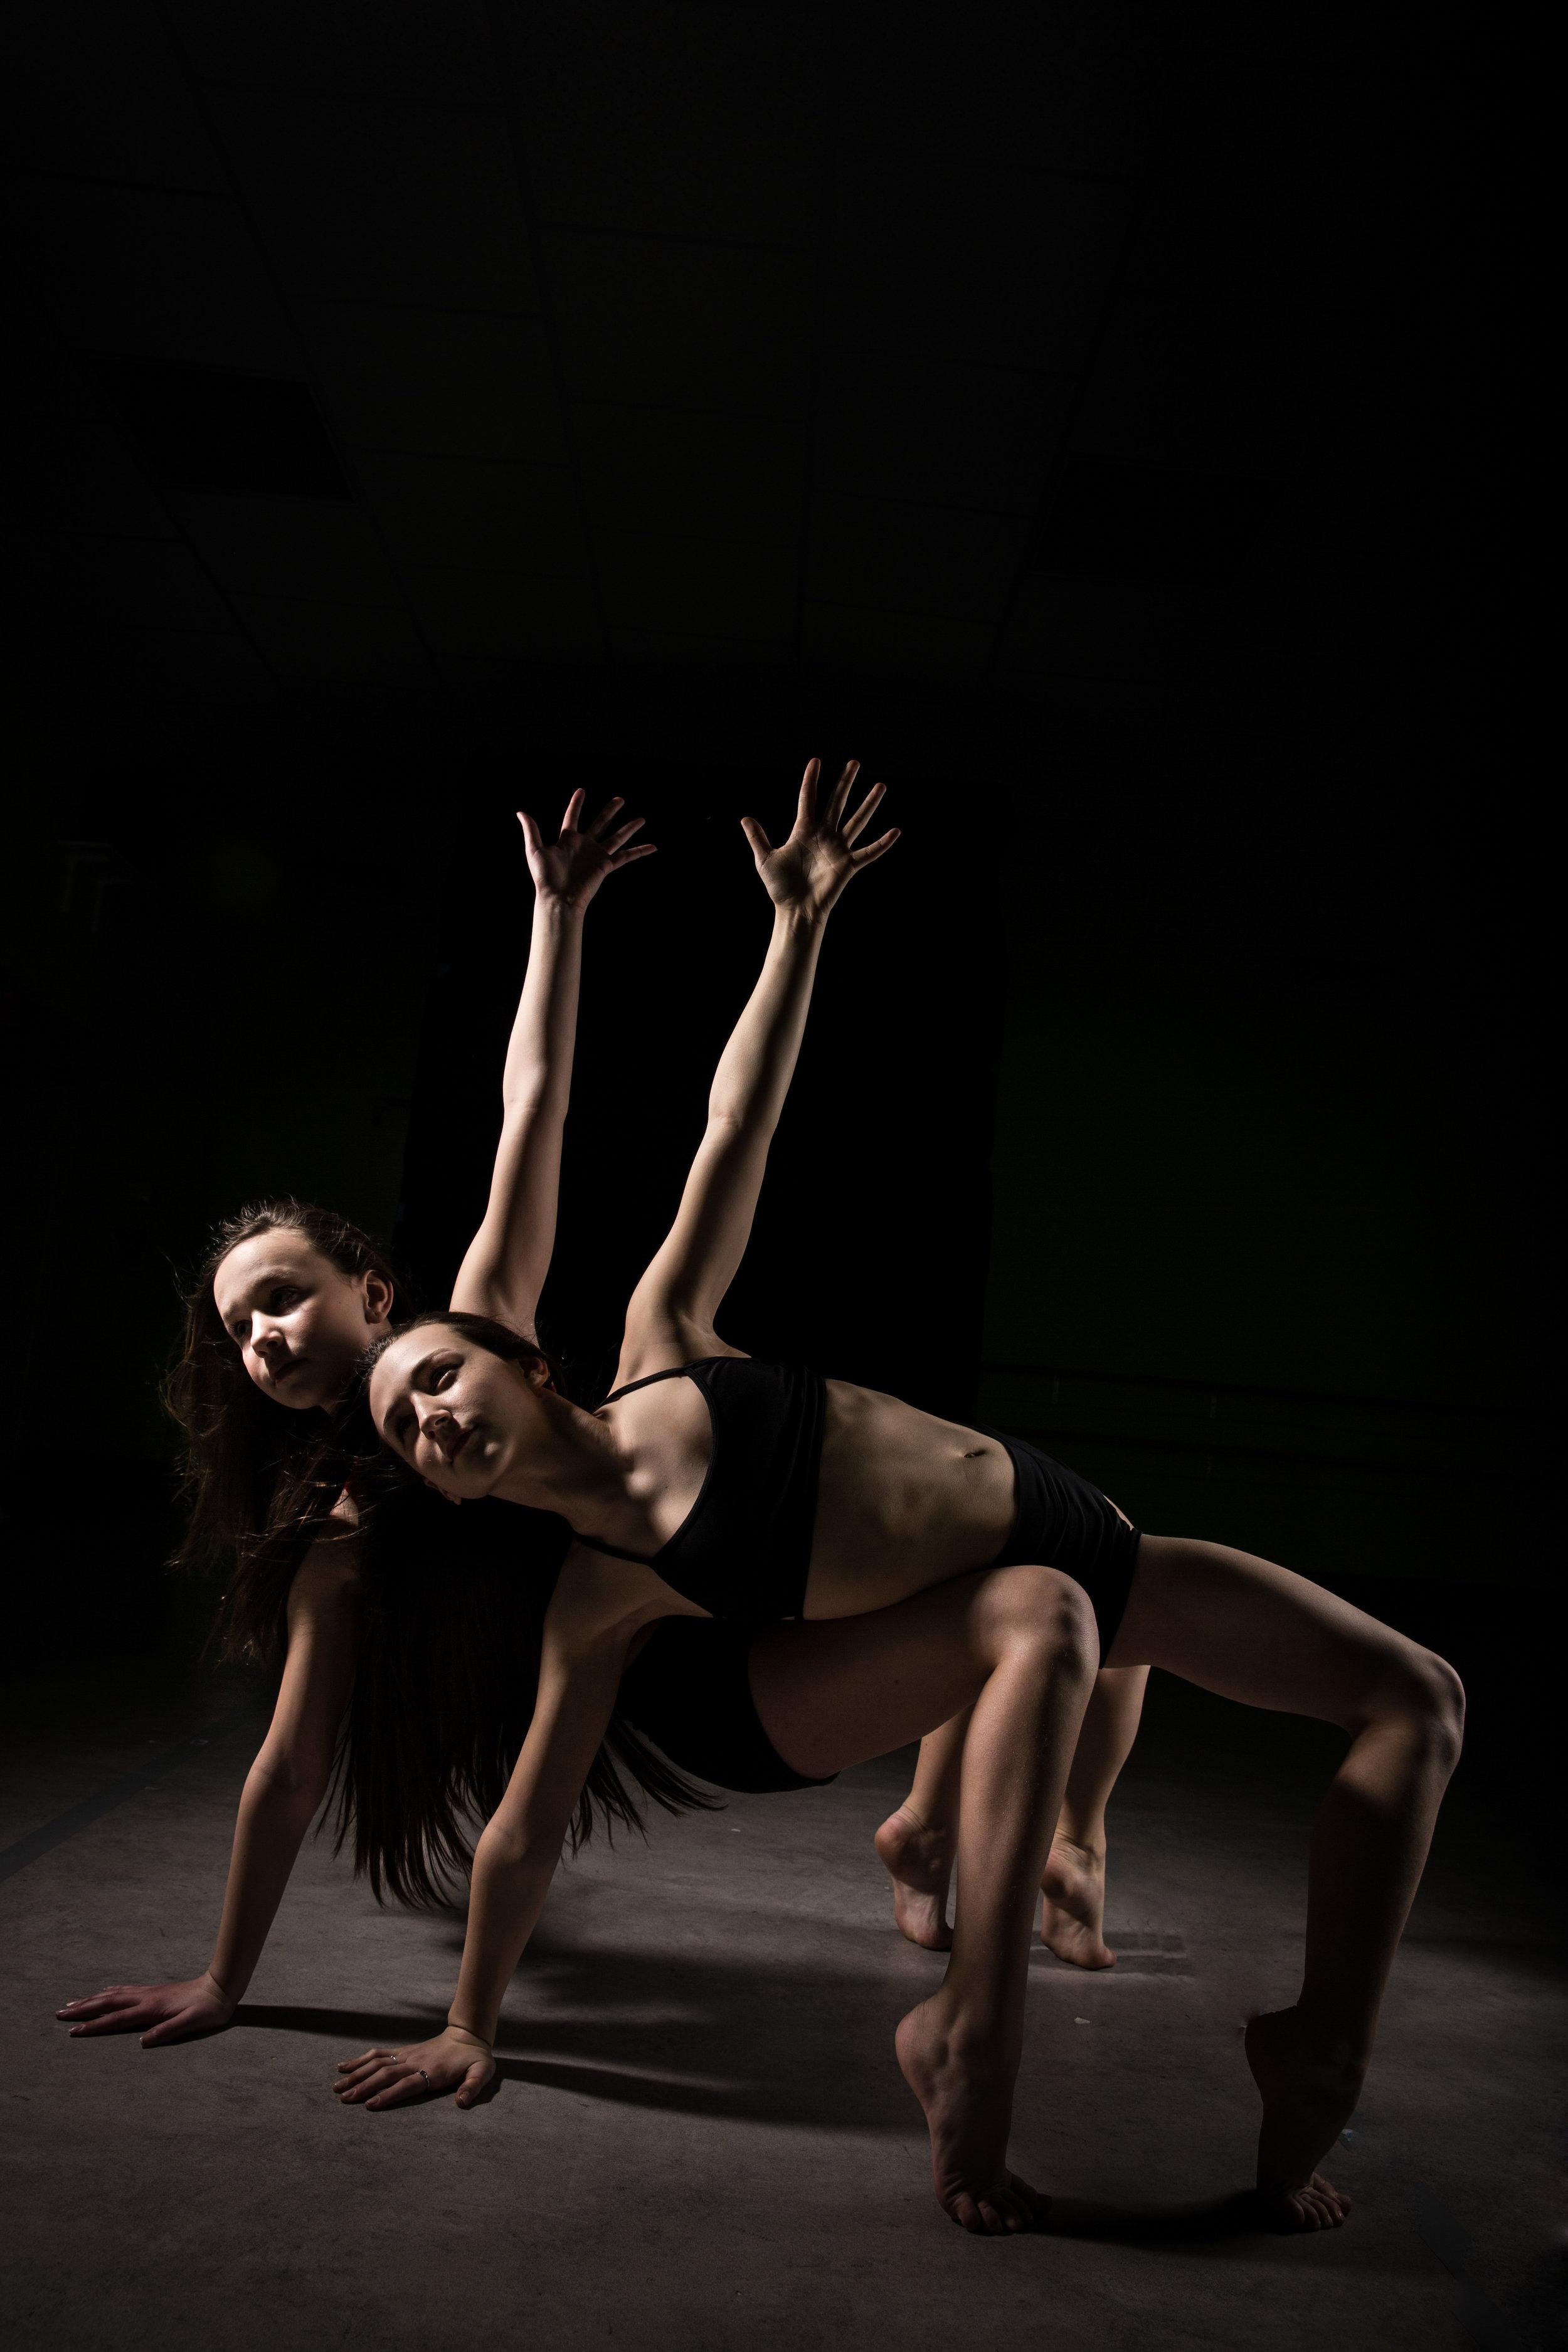 LR_Express_Dancer_Series-43.jpg